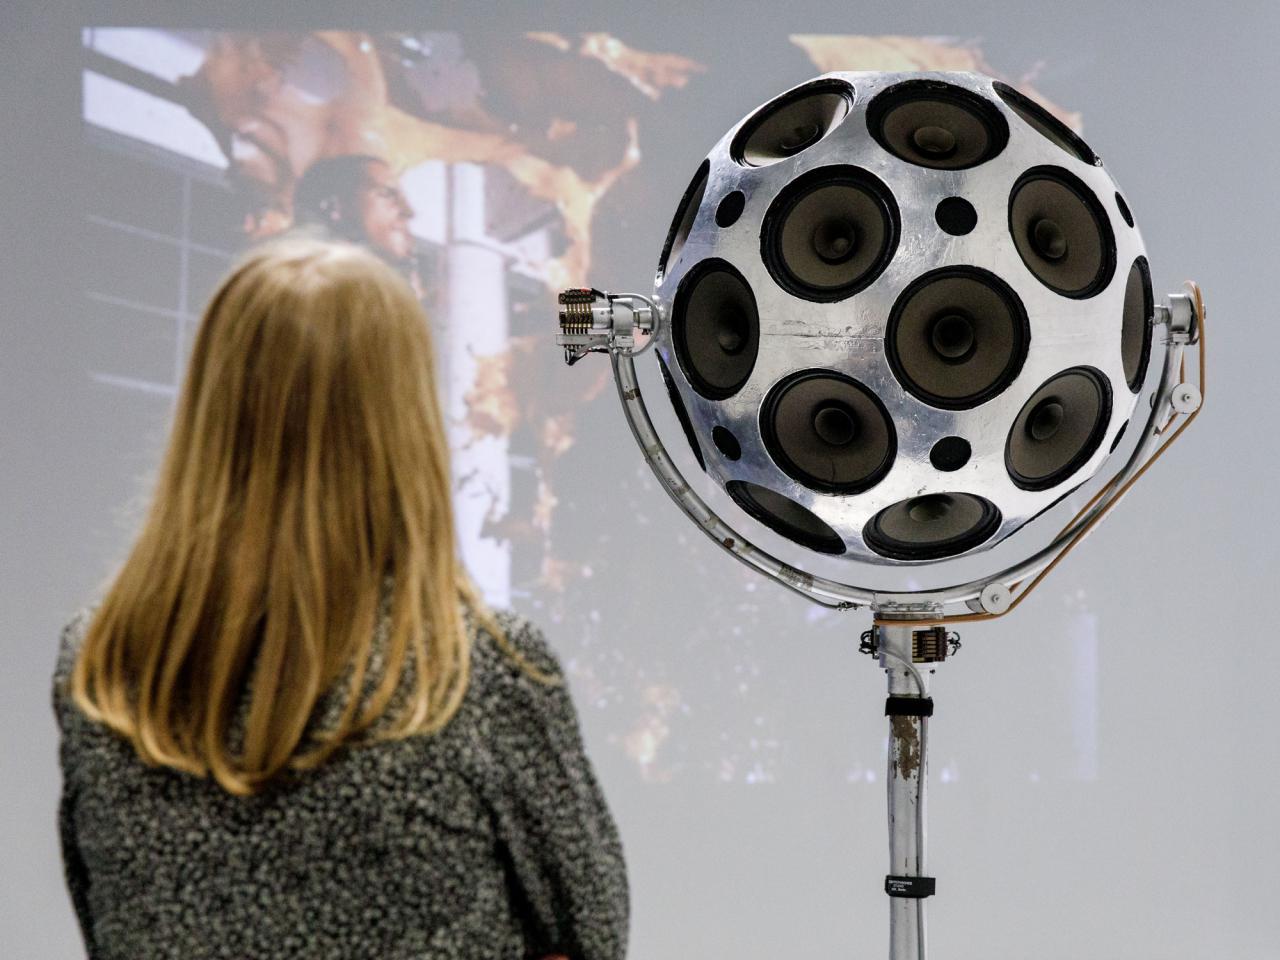 Eine Frau steht vor einer silbernen Kugel aus Lautsprechern